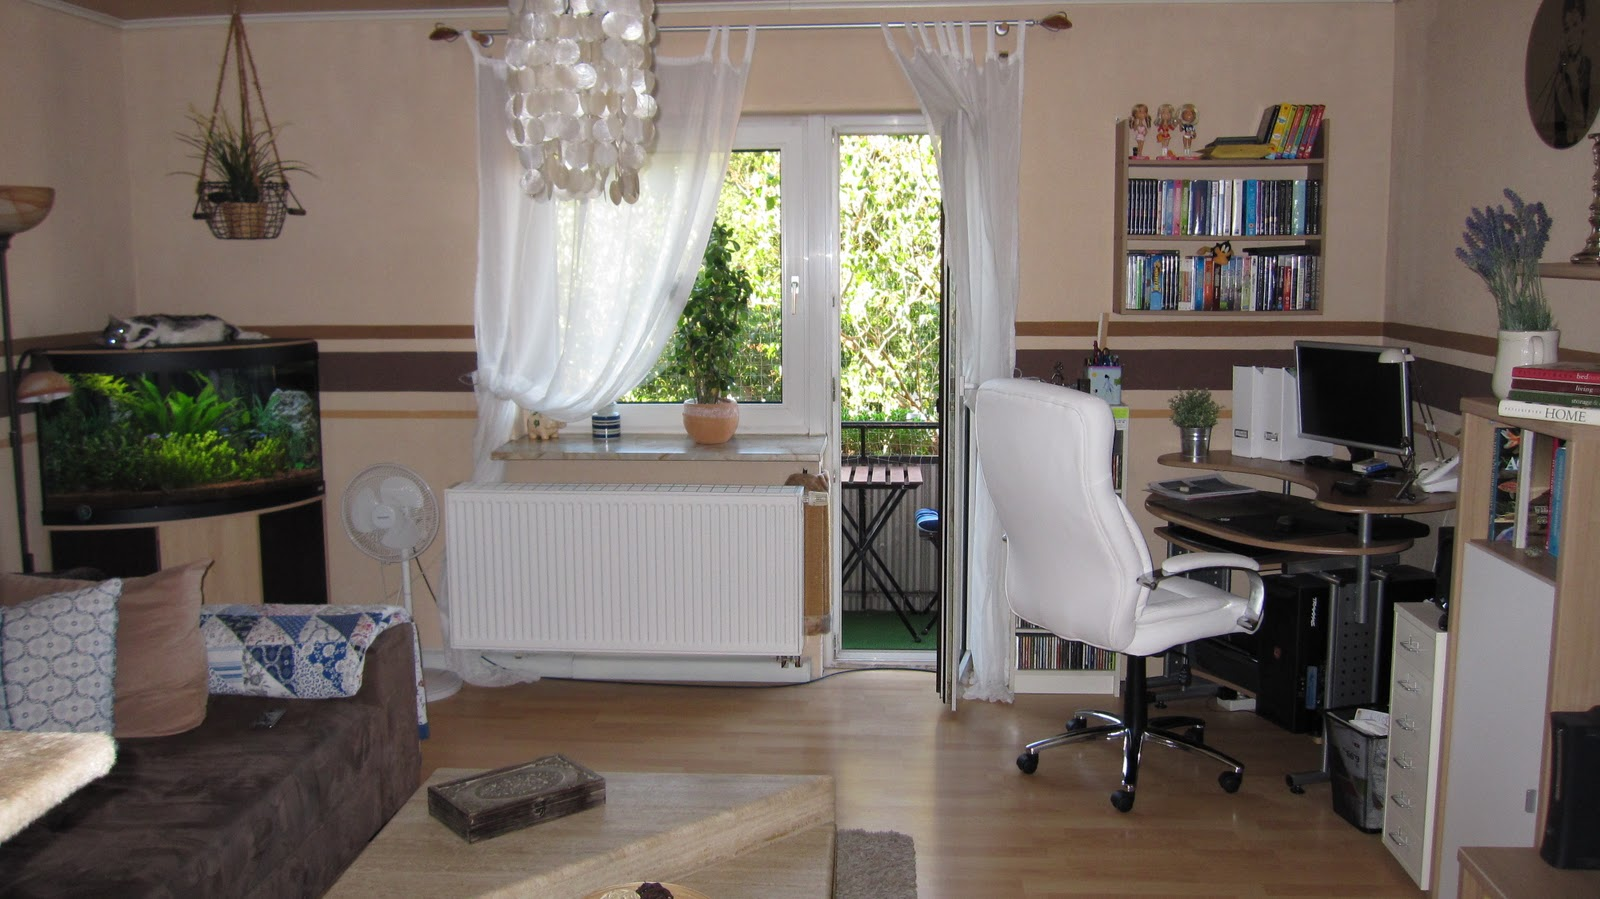 Kleines Wohnzimmer Wohnzimmermobel In Kirchberg Pielach